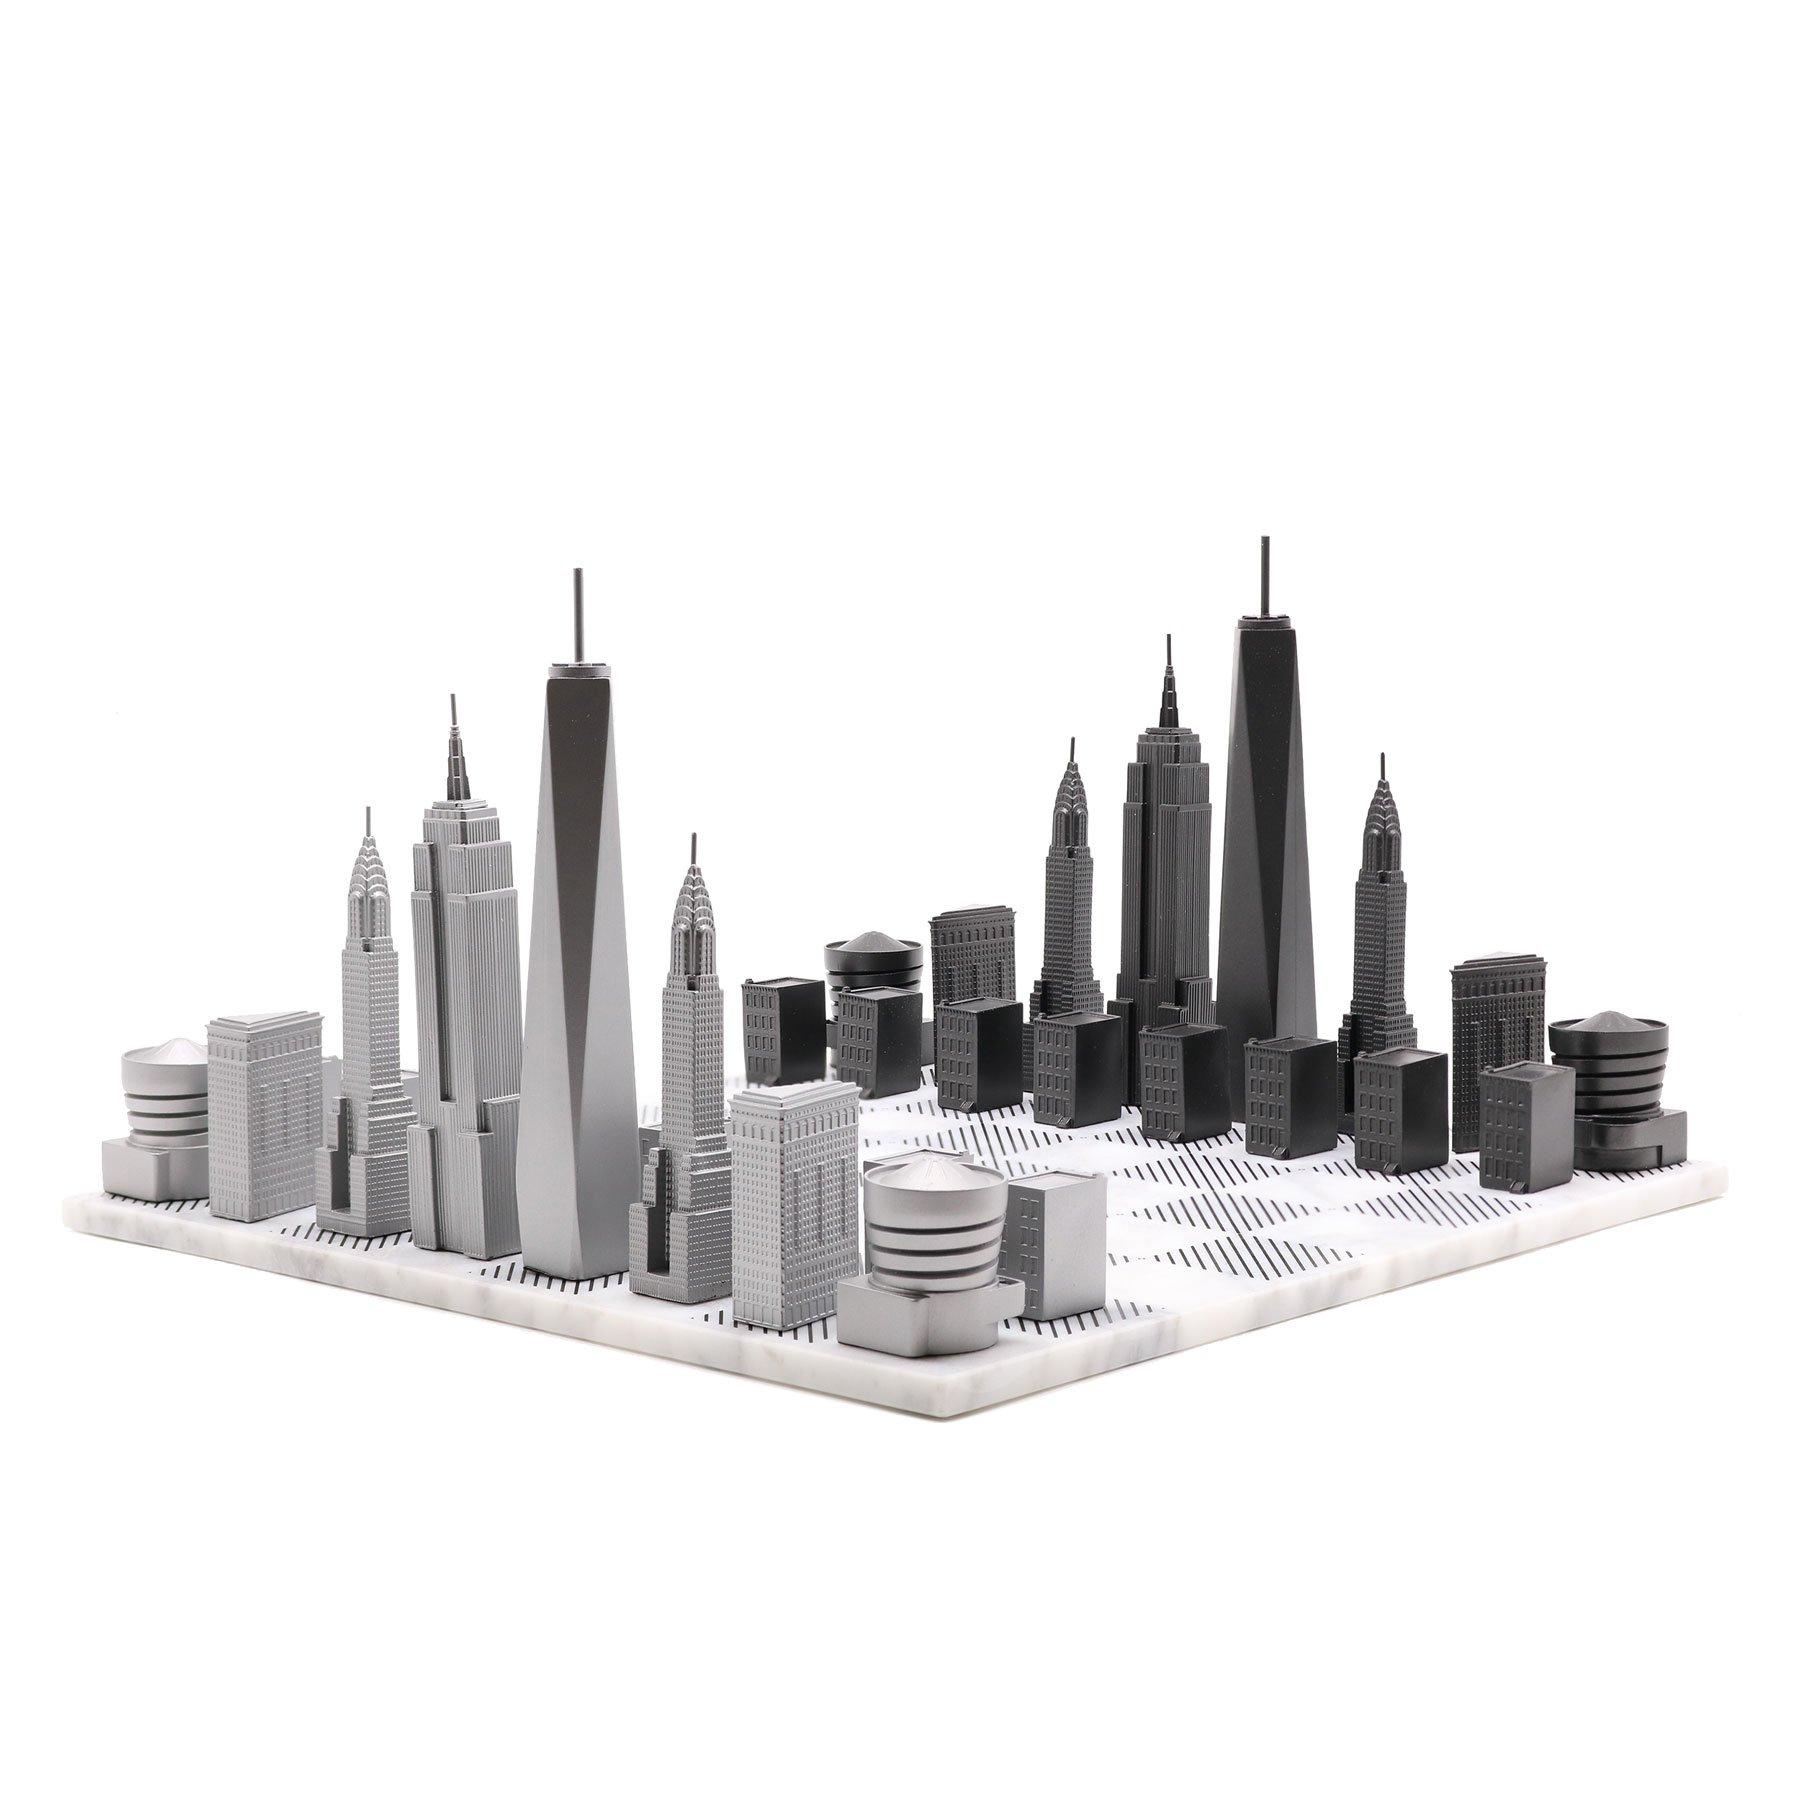 画像1: 【Skyline Chess 】プレミアムメタル ニューヨークエディション チェスセット イギリス製 チェス 木製ボード ウッド スカイラインチェス PREMIUM METAL NEW YORK EDITION トイ オブジェ インテリア お洒落 おしゃれ かっこいい モダン ギフト ボードゲーム   (1)